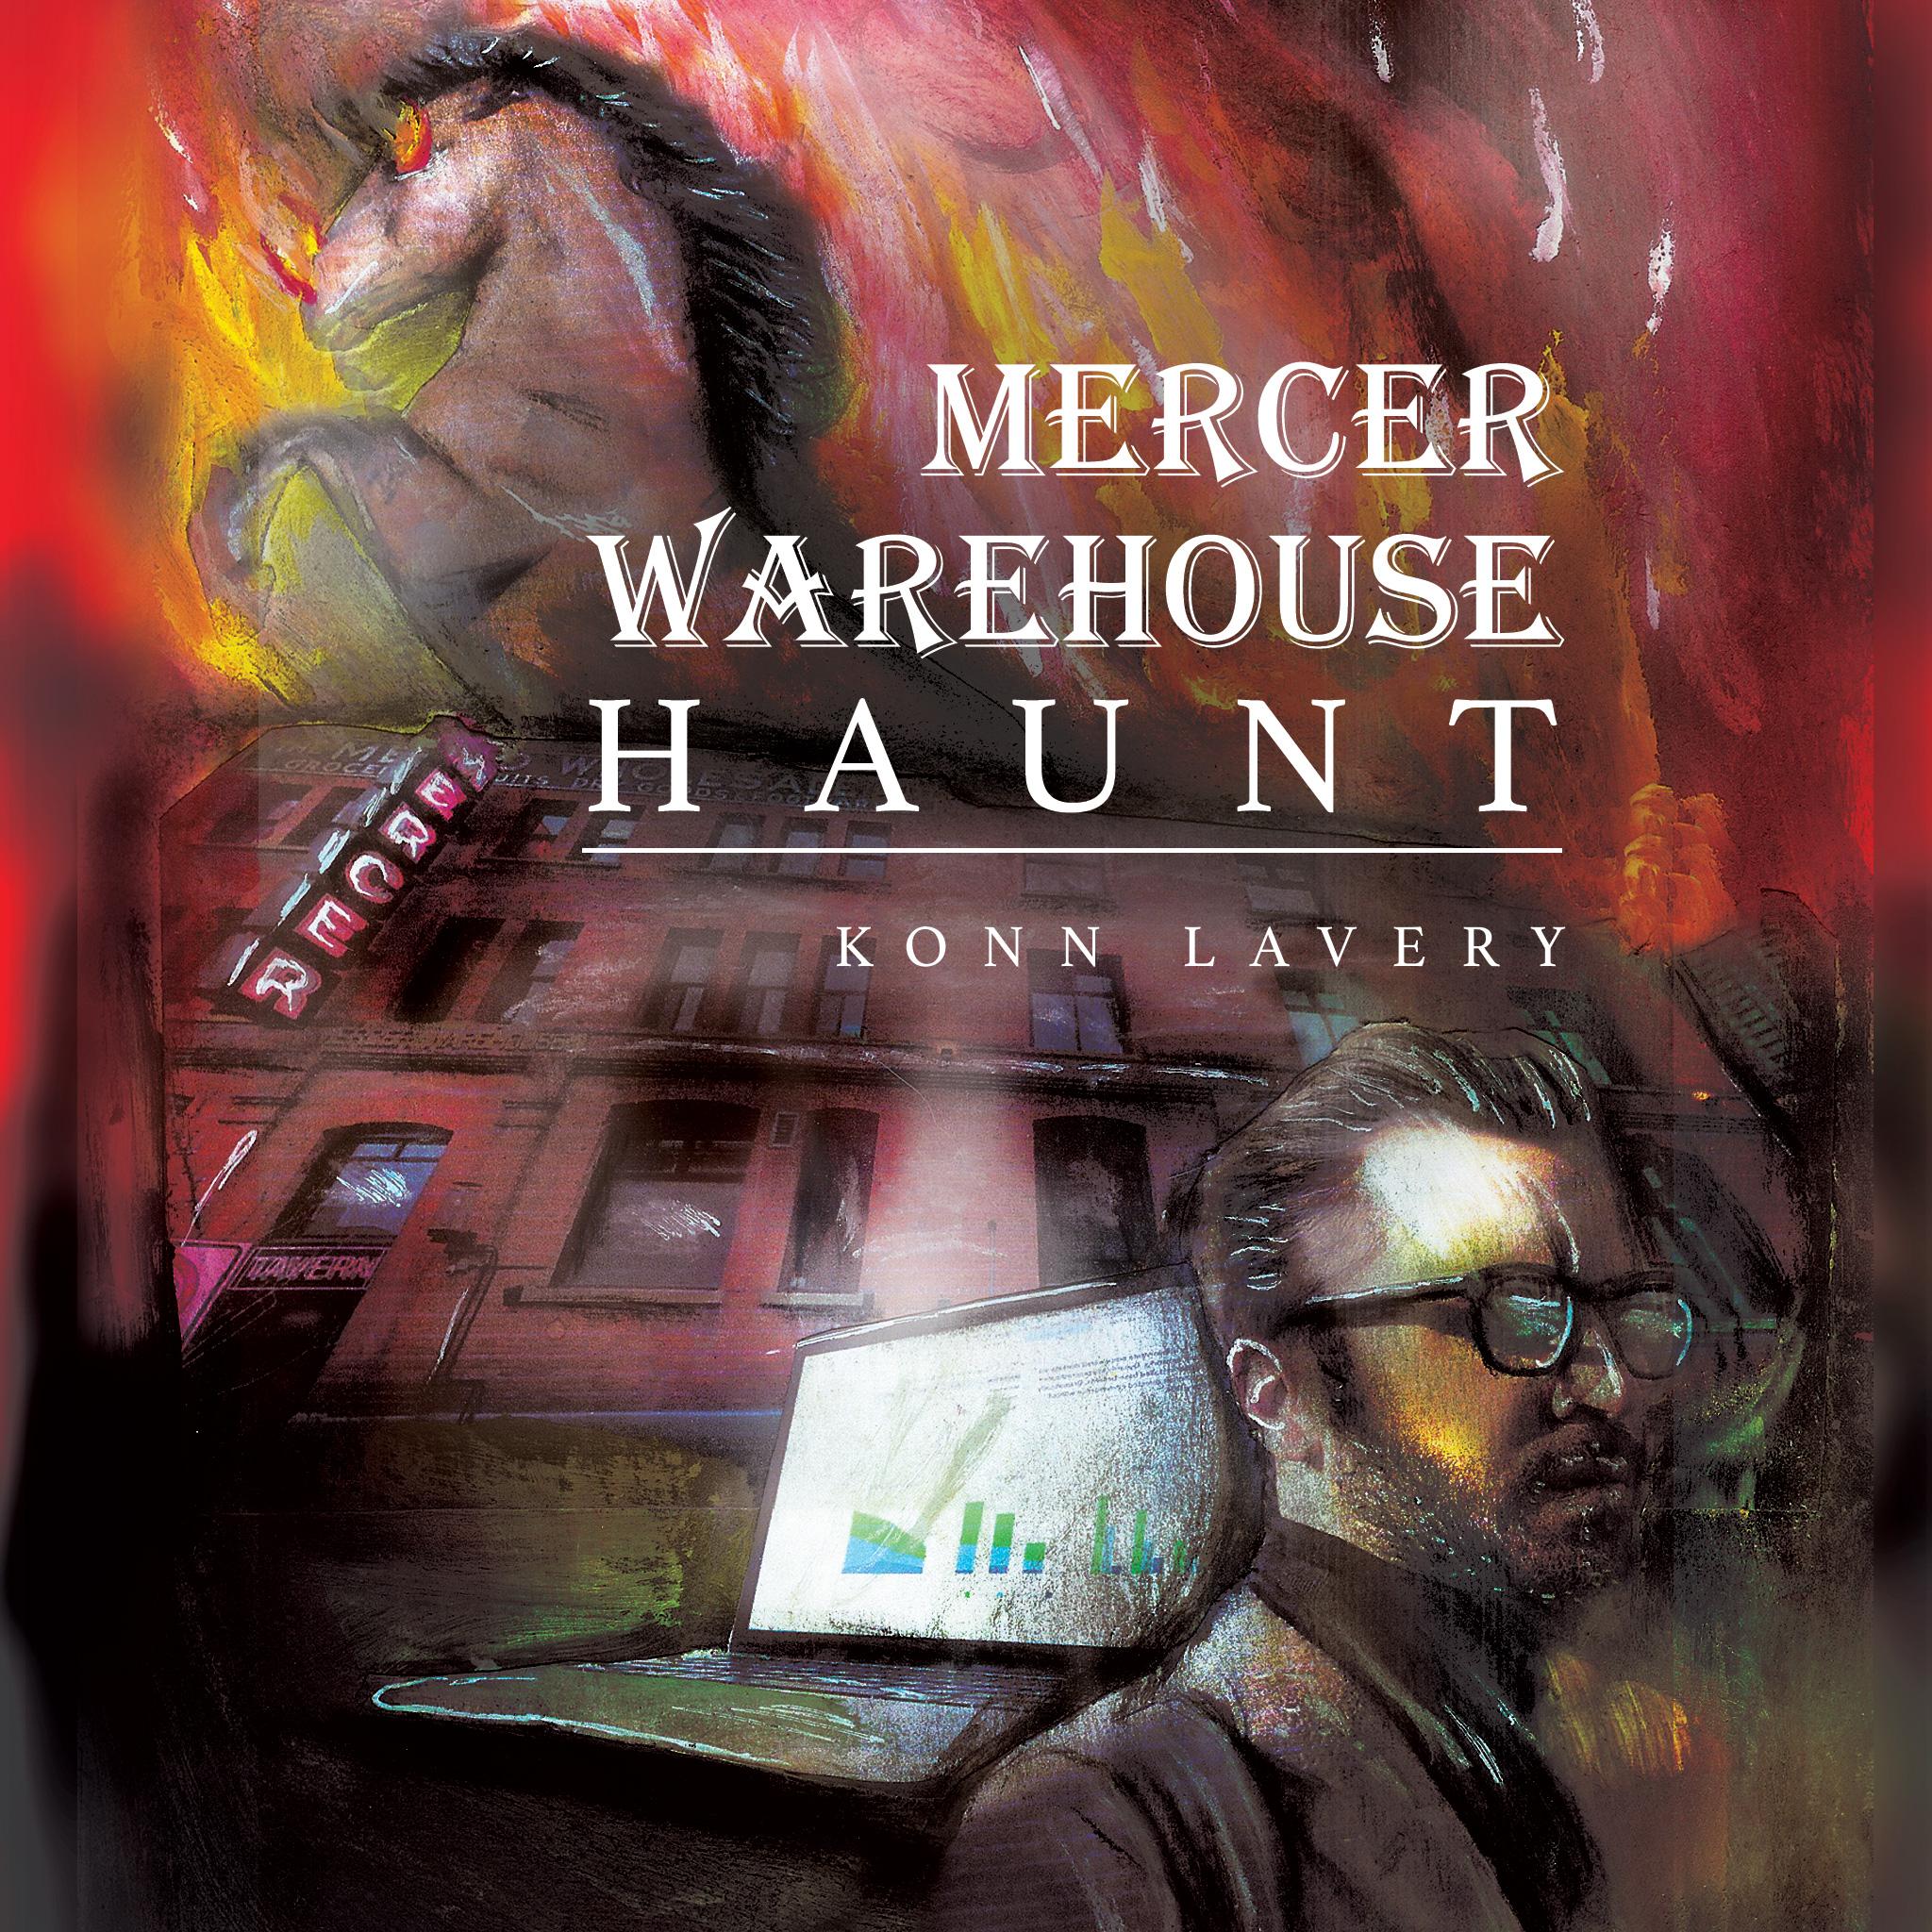 Mercer Warehouse Haunt - Horse Ghost